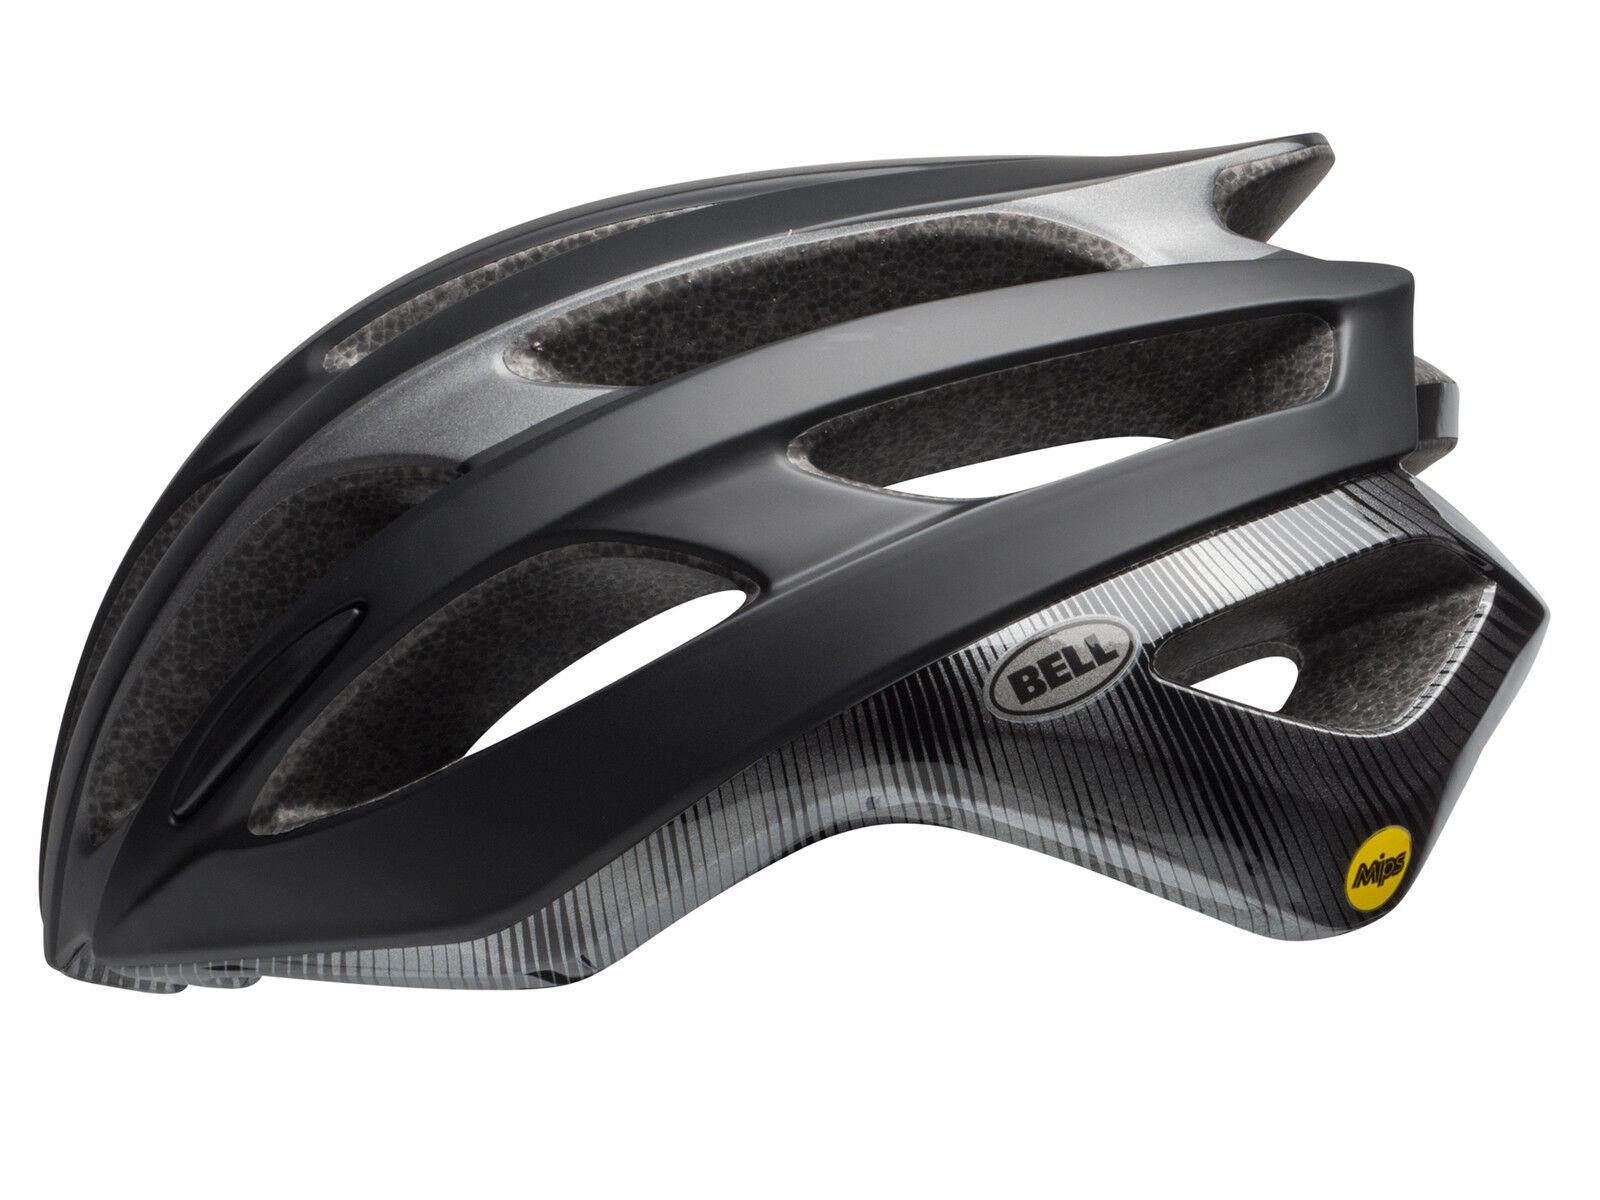 Bell Falcon MIPS bicicleta bicicleta casco negro 2019